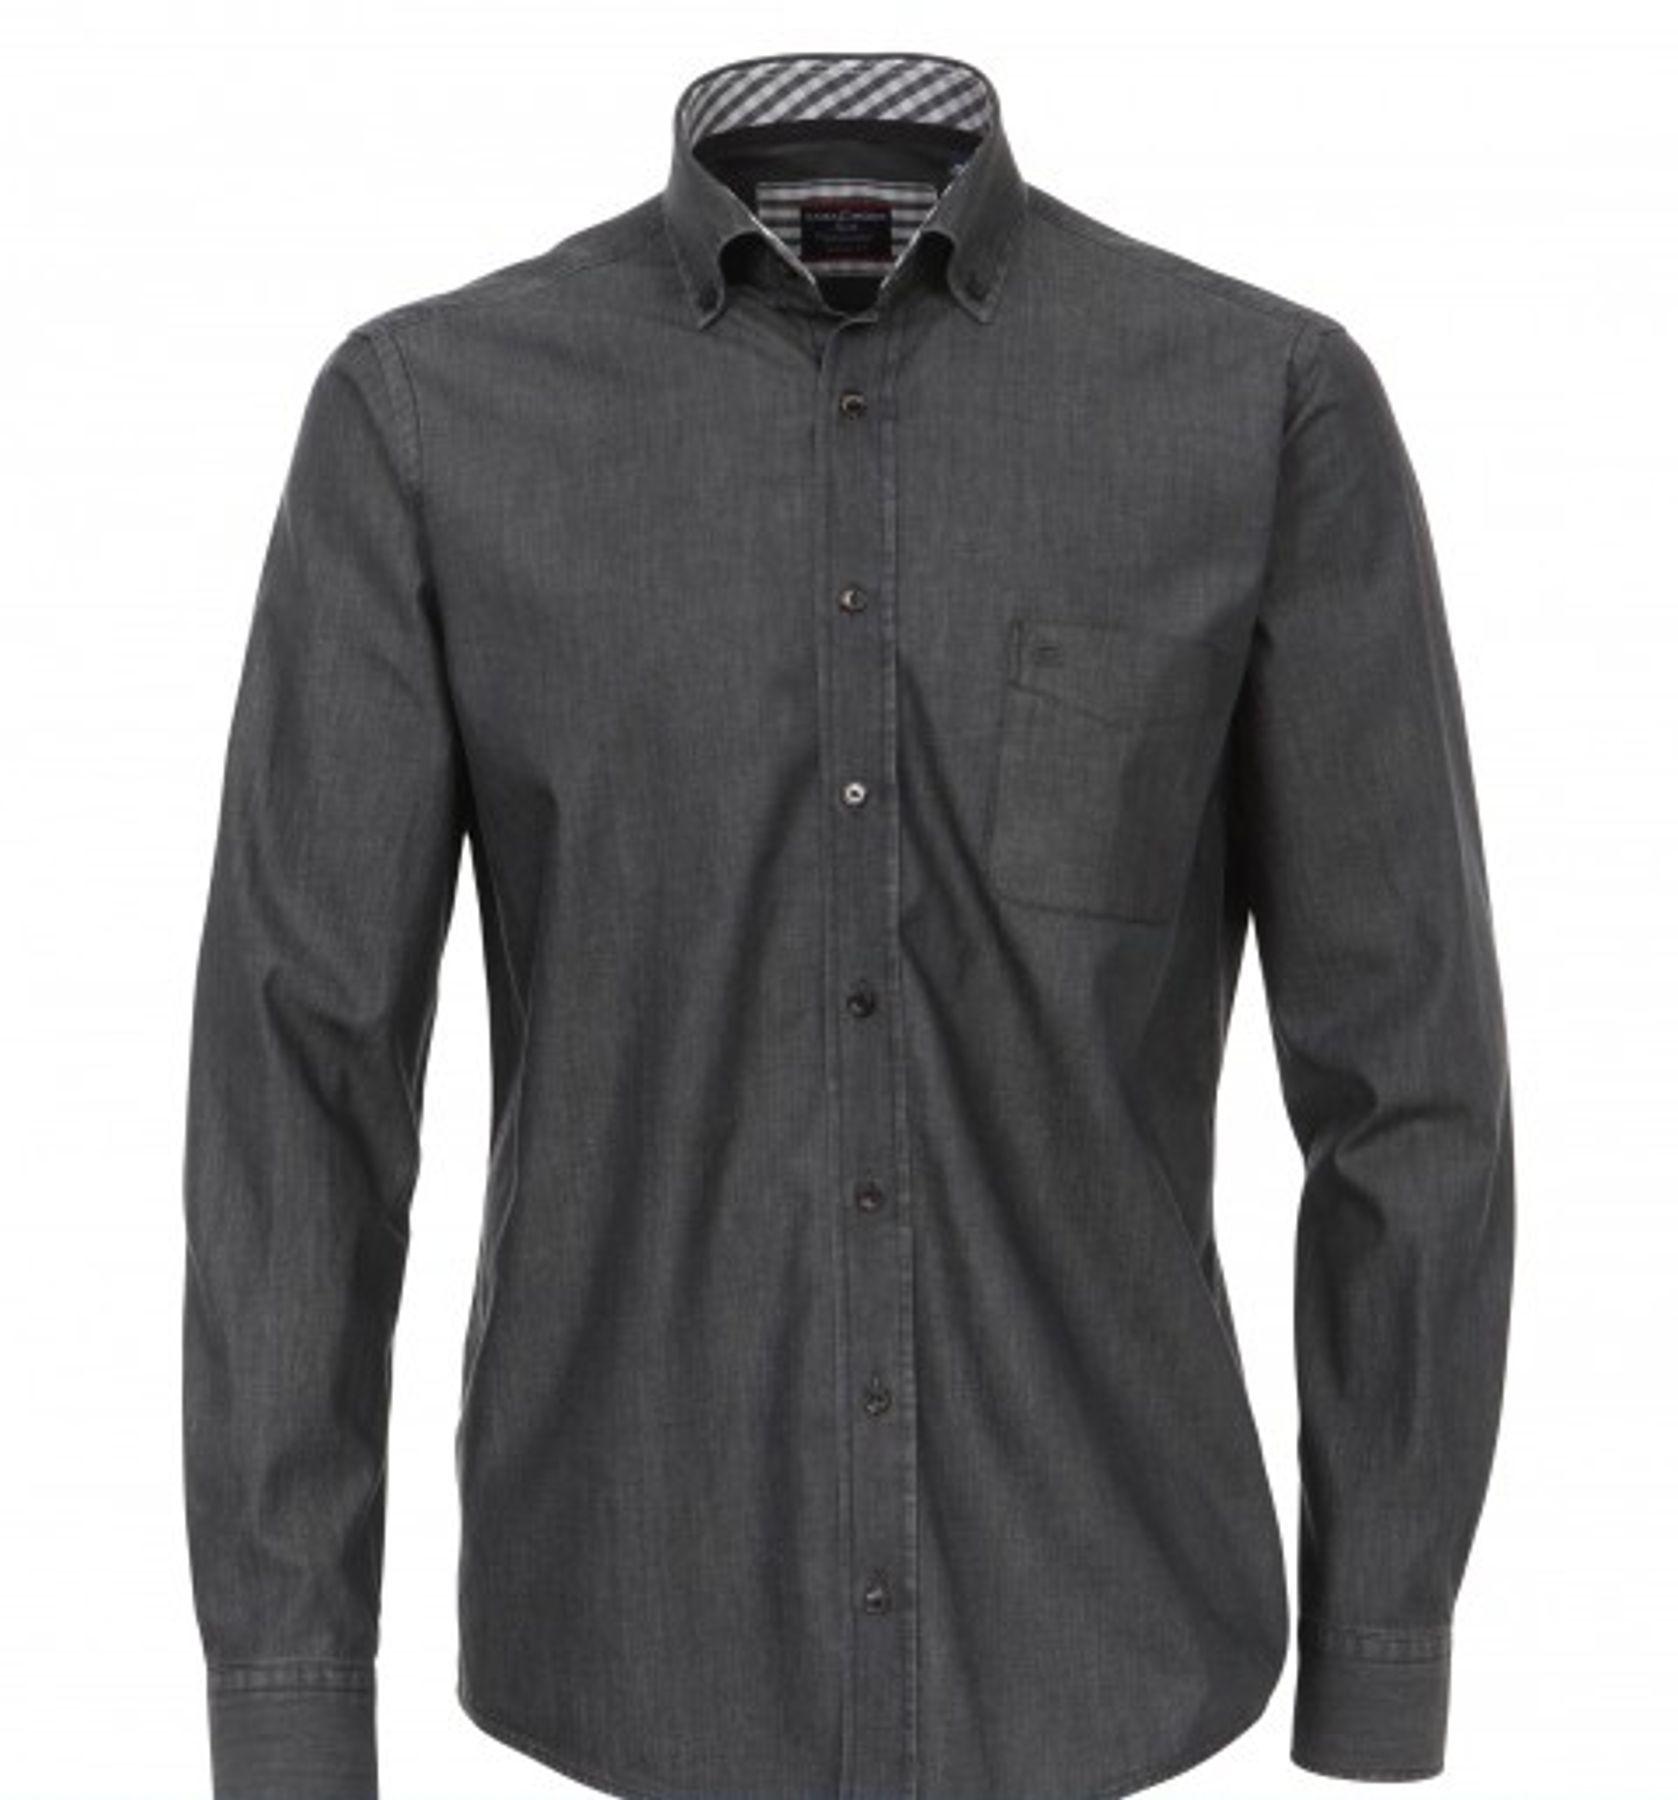 Casa Moda - Casual Fit - Bügelleichtes Herren Langarm Jeans Hemd in verschiedenen Farbtönen S-7XL (006303) – Bild 6